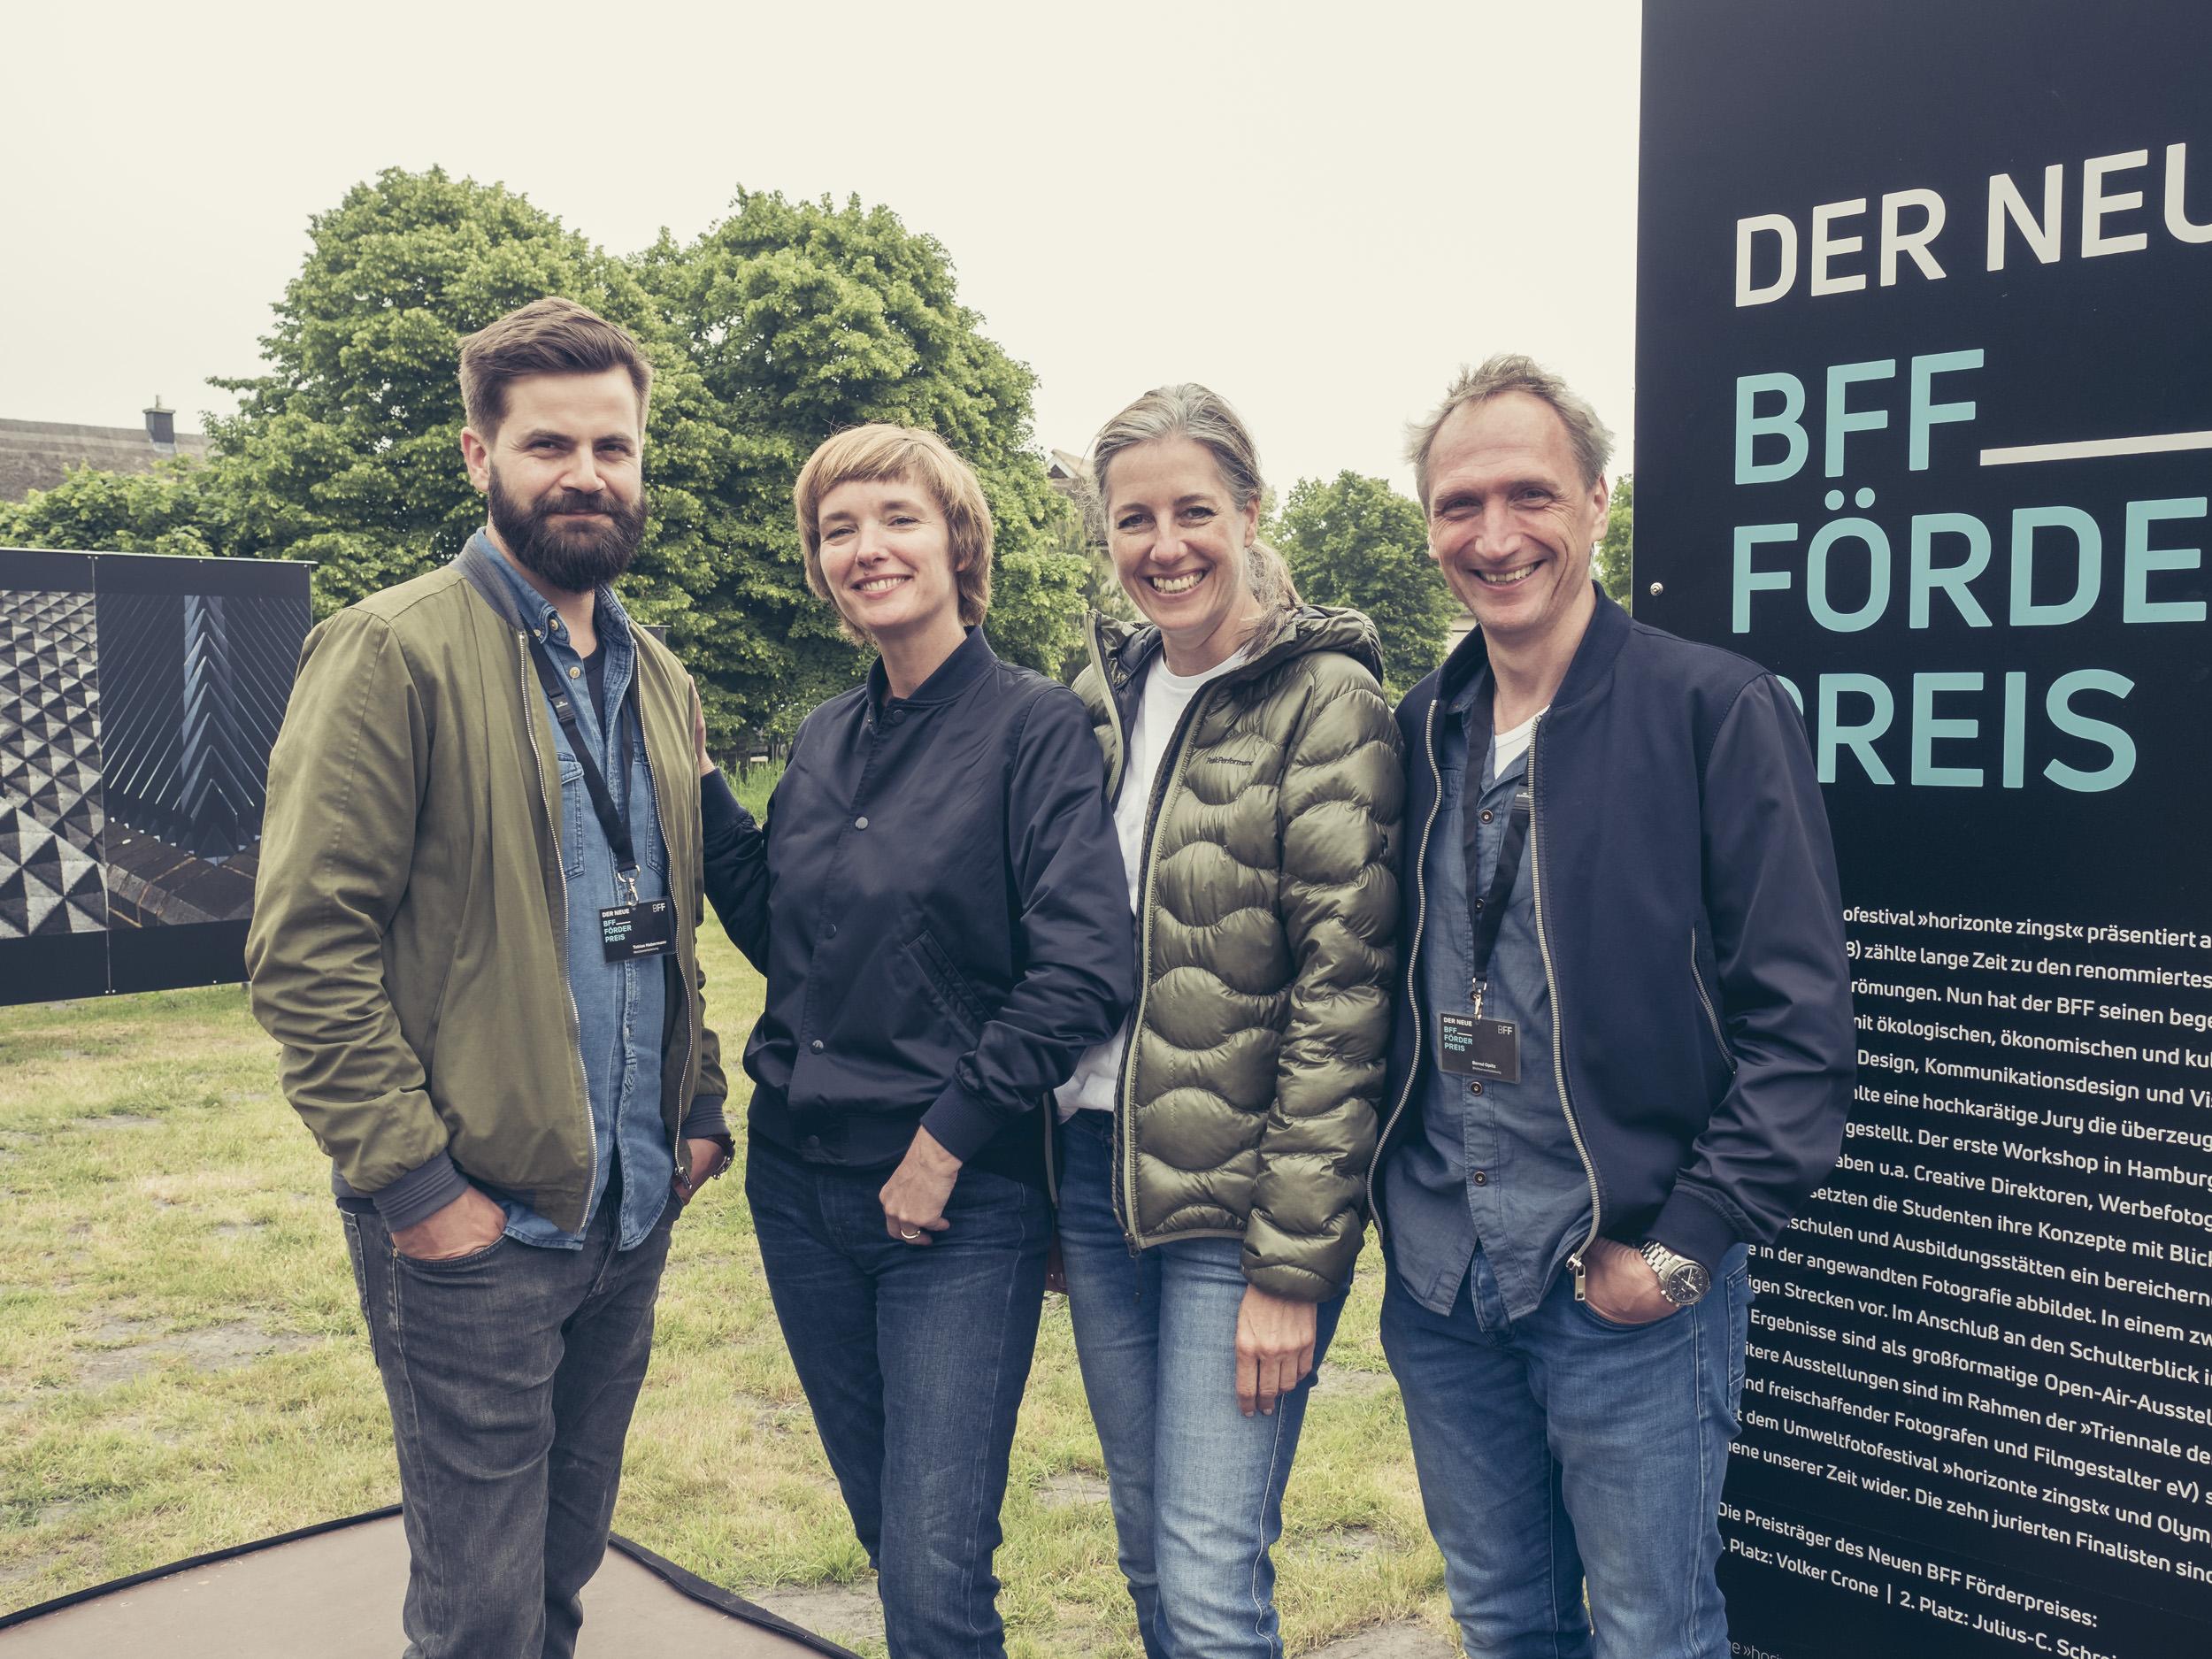 BFF-Foerderpreis-Zingst-Silke-Guelder-Ulrike-Klug-Tobias-Habermann-Bernd-Opitz-horizonte-Umweltfotofestival